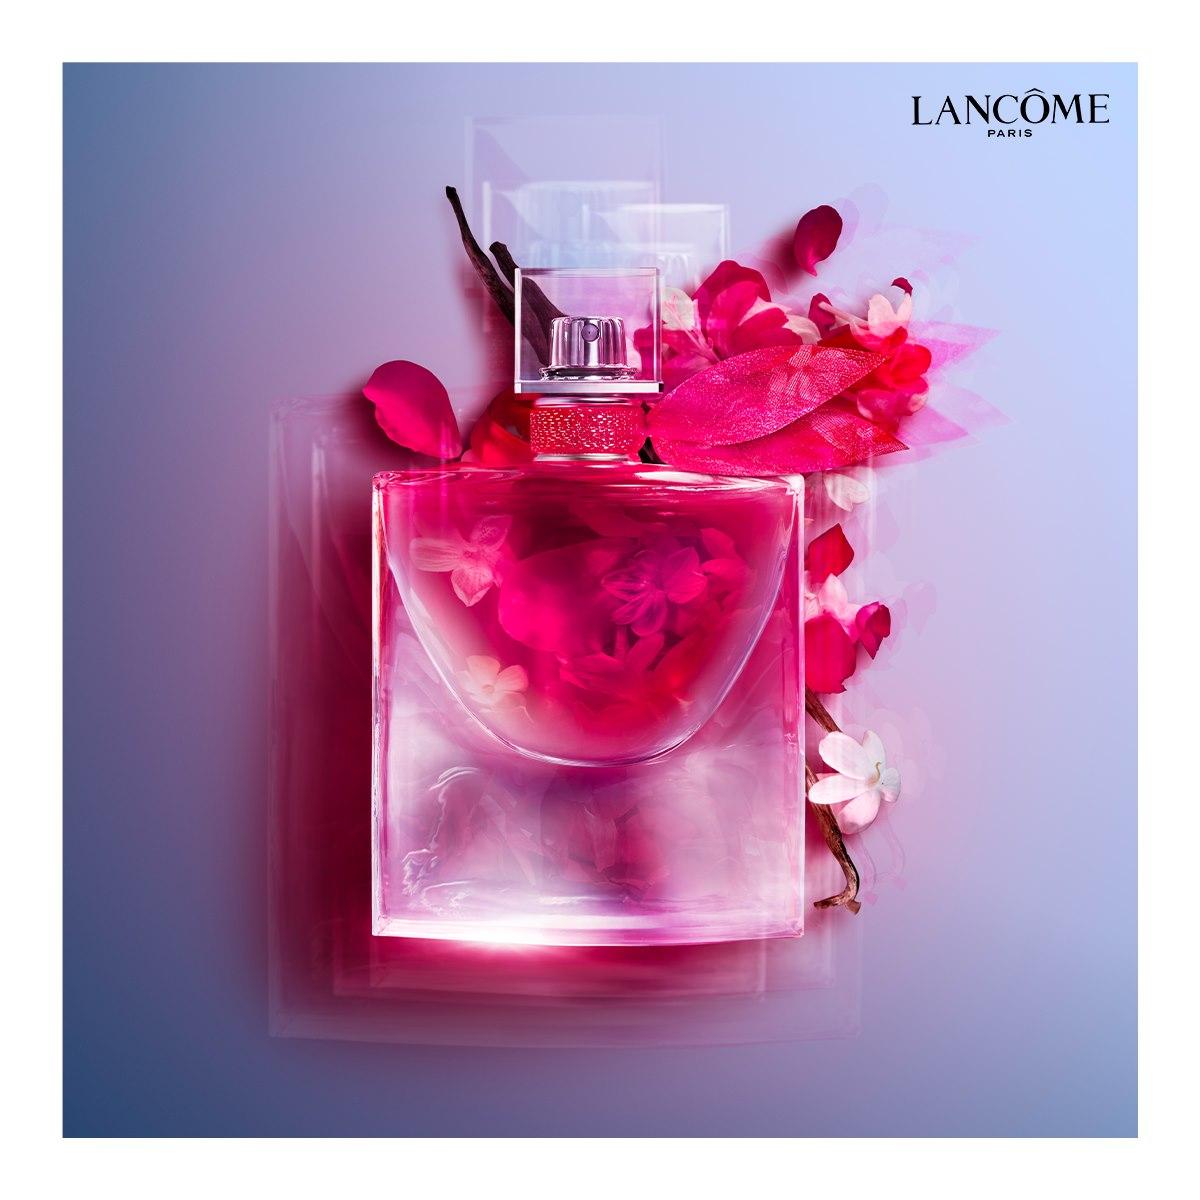 Aromas e fragrâncias de flores podem trazer felicidade, explica especialista 2